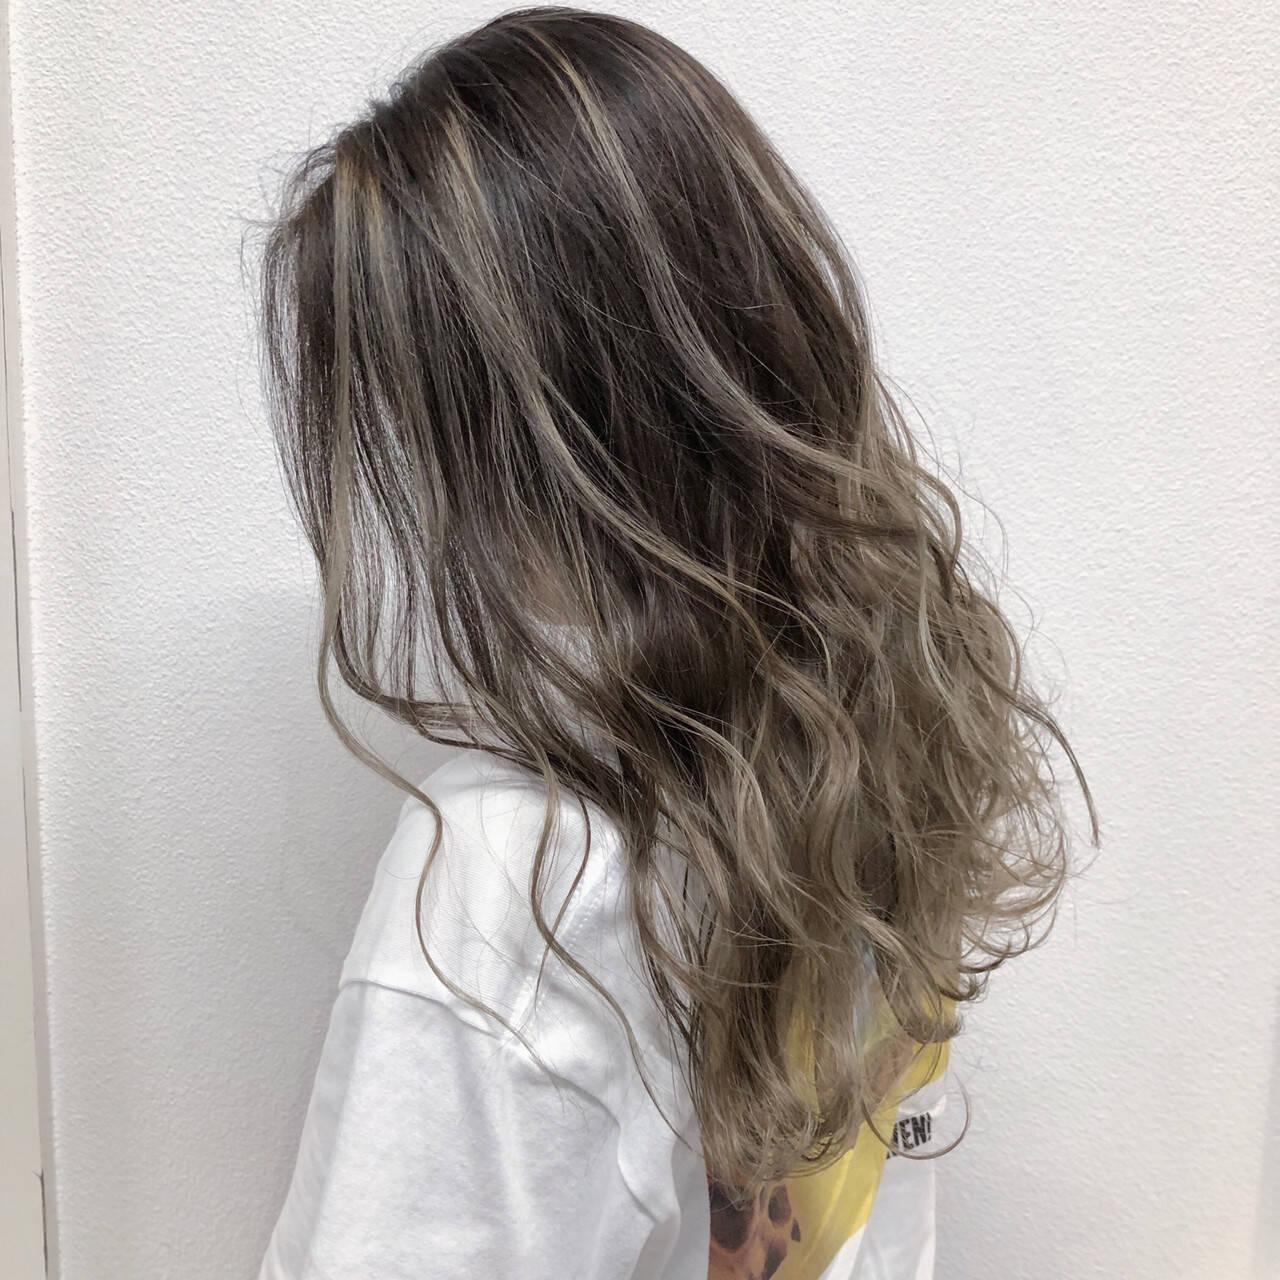 セミロング ハイライト 透明感 外国人風フェミニンヘアスタイルや髪型の写真・画像